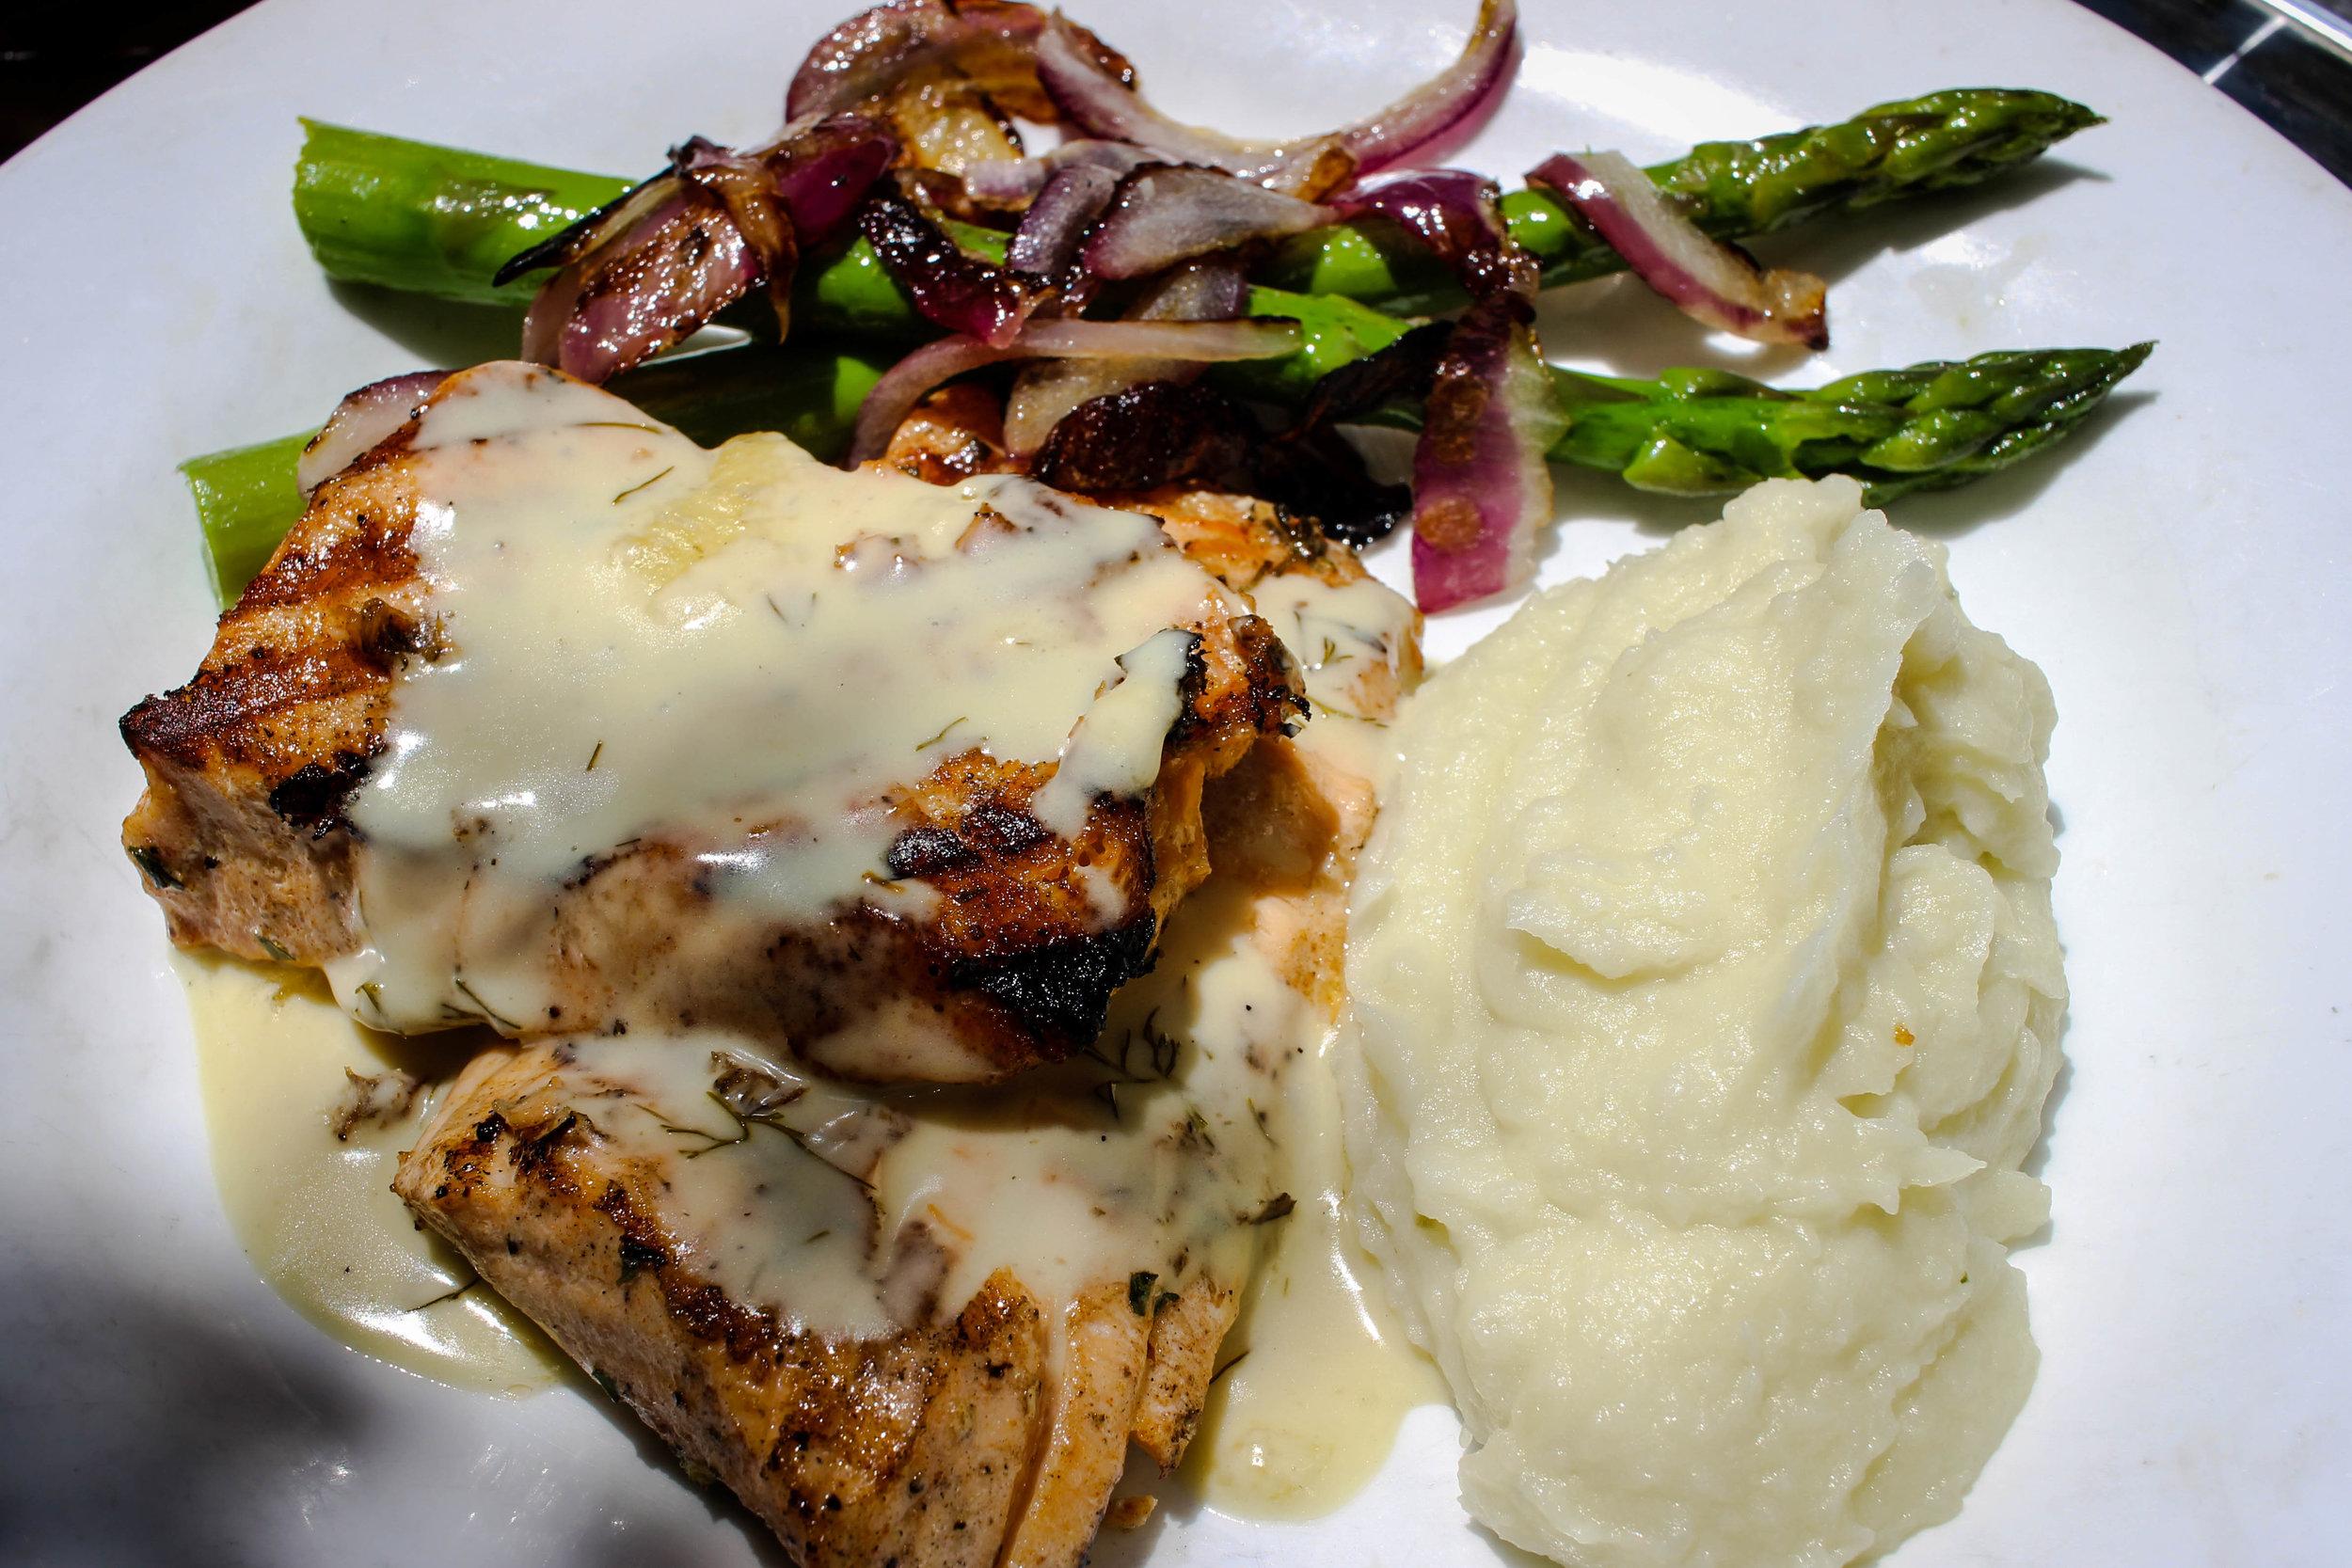 Filet de Saumon grille et puree de pommes de terre, sauce a l'estragon:grilled Salmon filet served with mashed potatoes, tarragon sauce, and asparagus